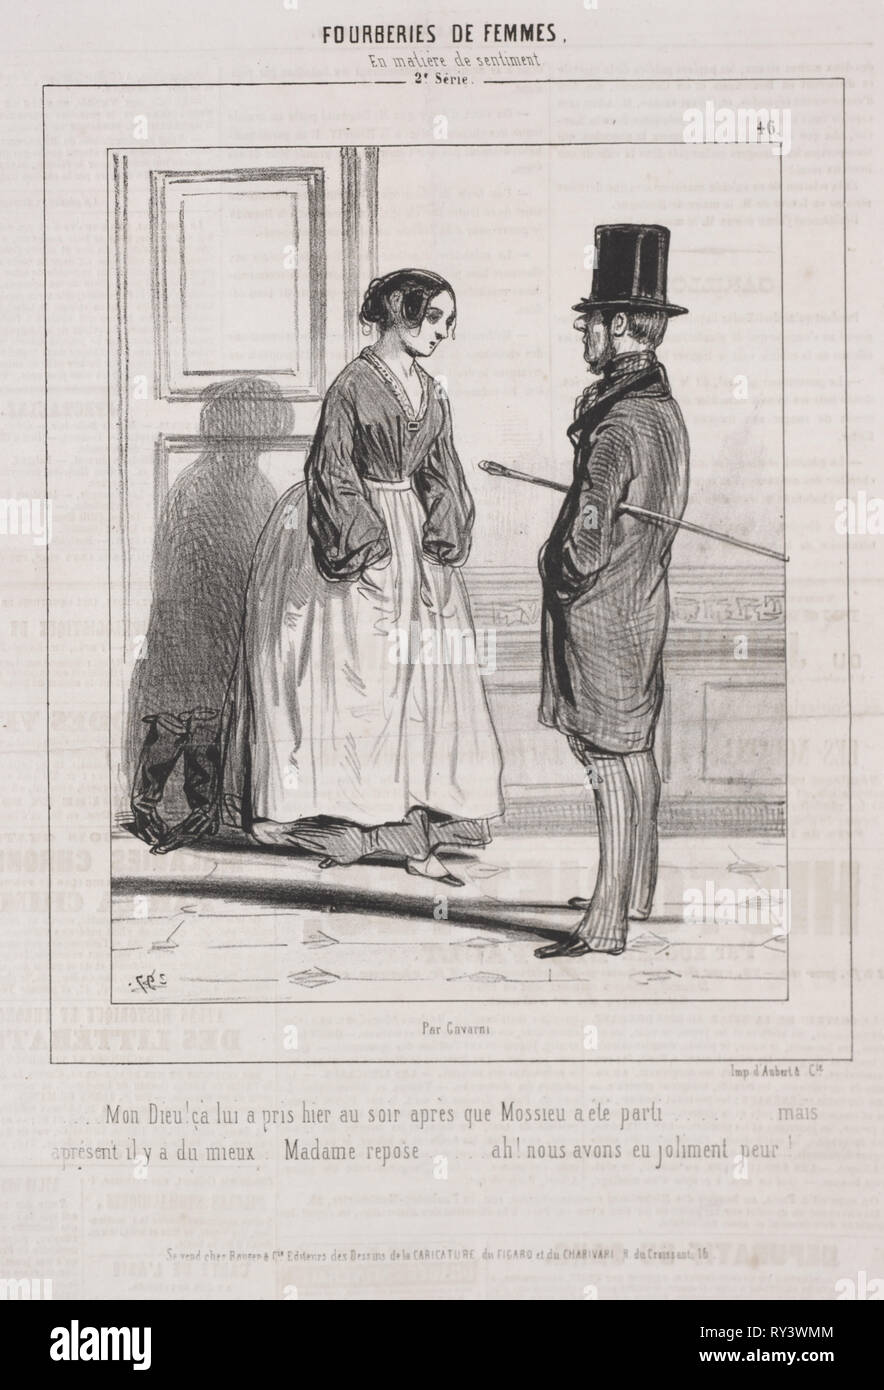 Fourberies de Femmes:  En matière de sentiment, 1842. Paul Gavarni (French, 1804-1866). Lithograph - Stock Image